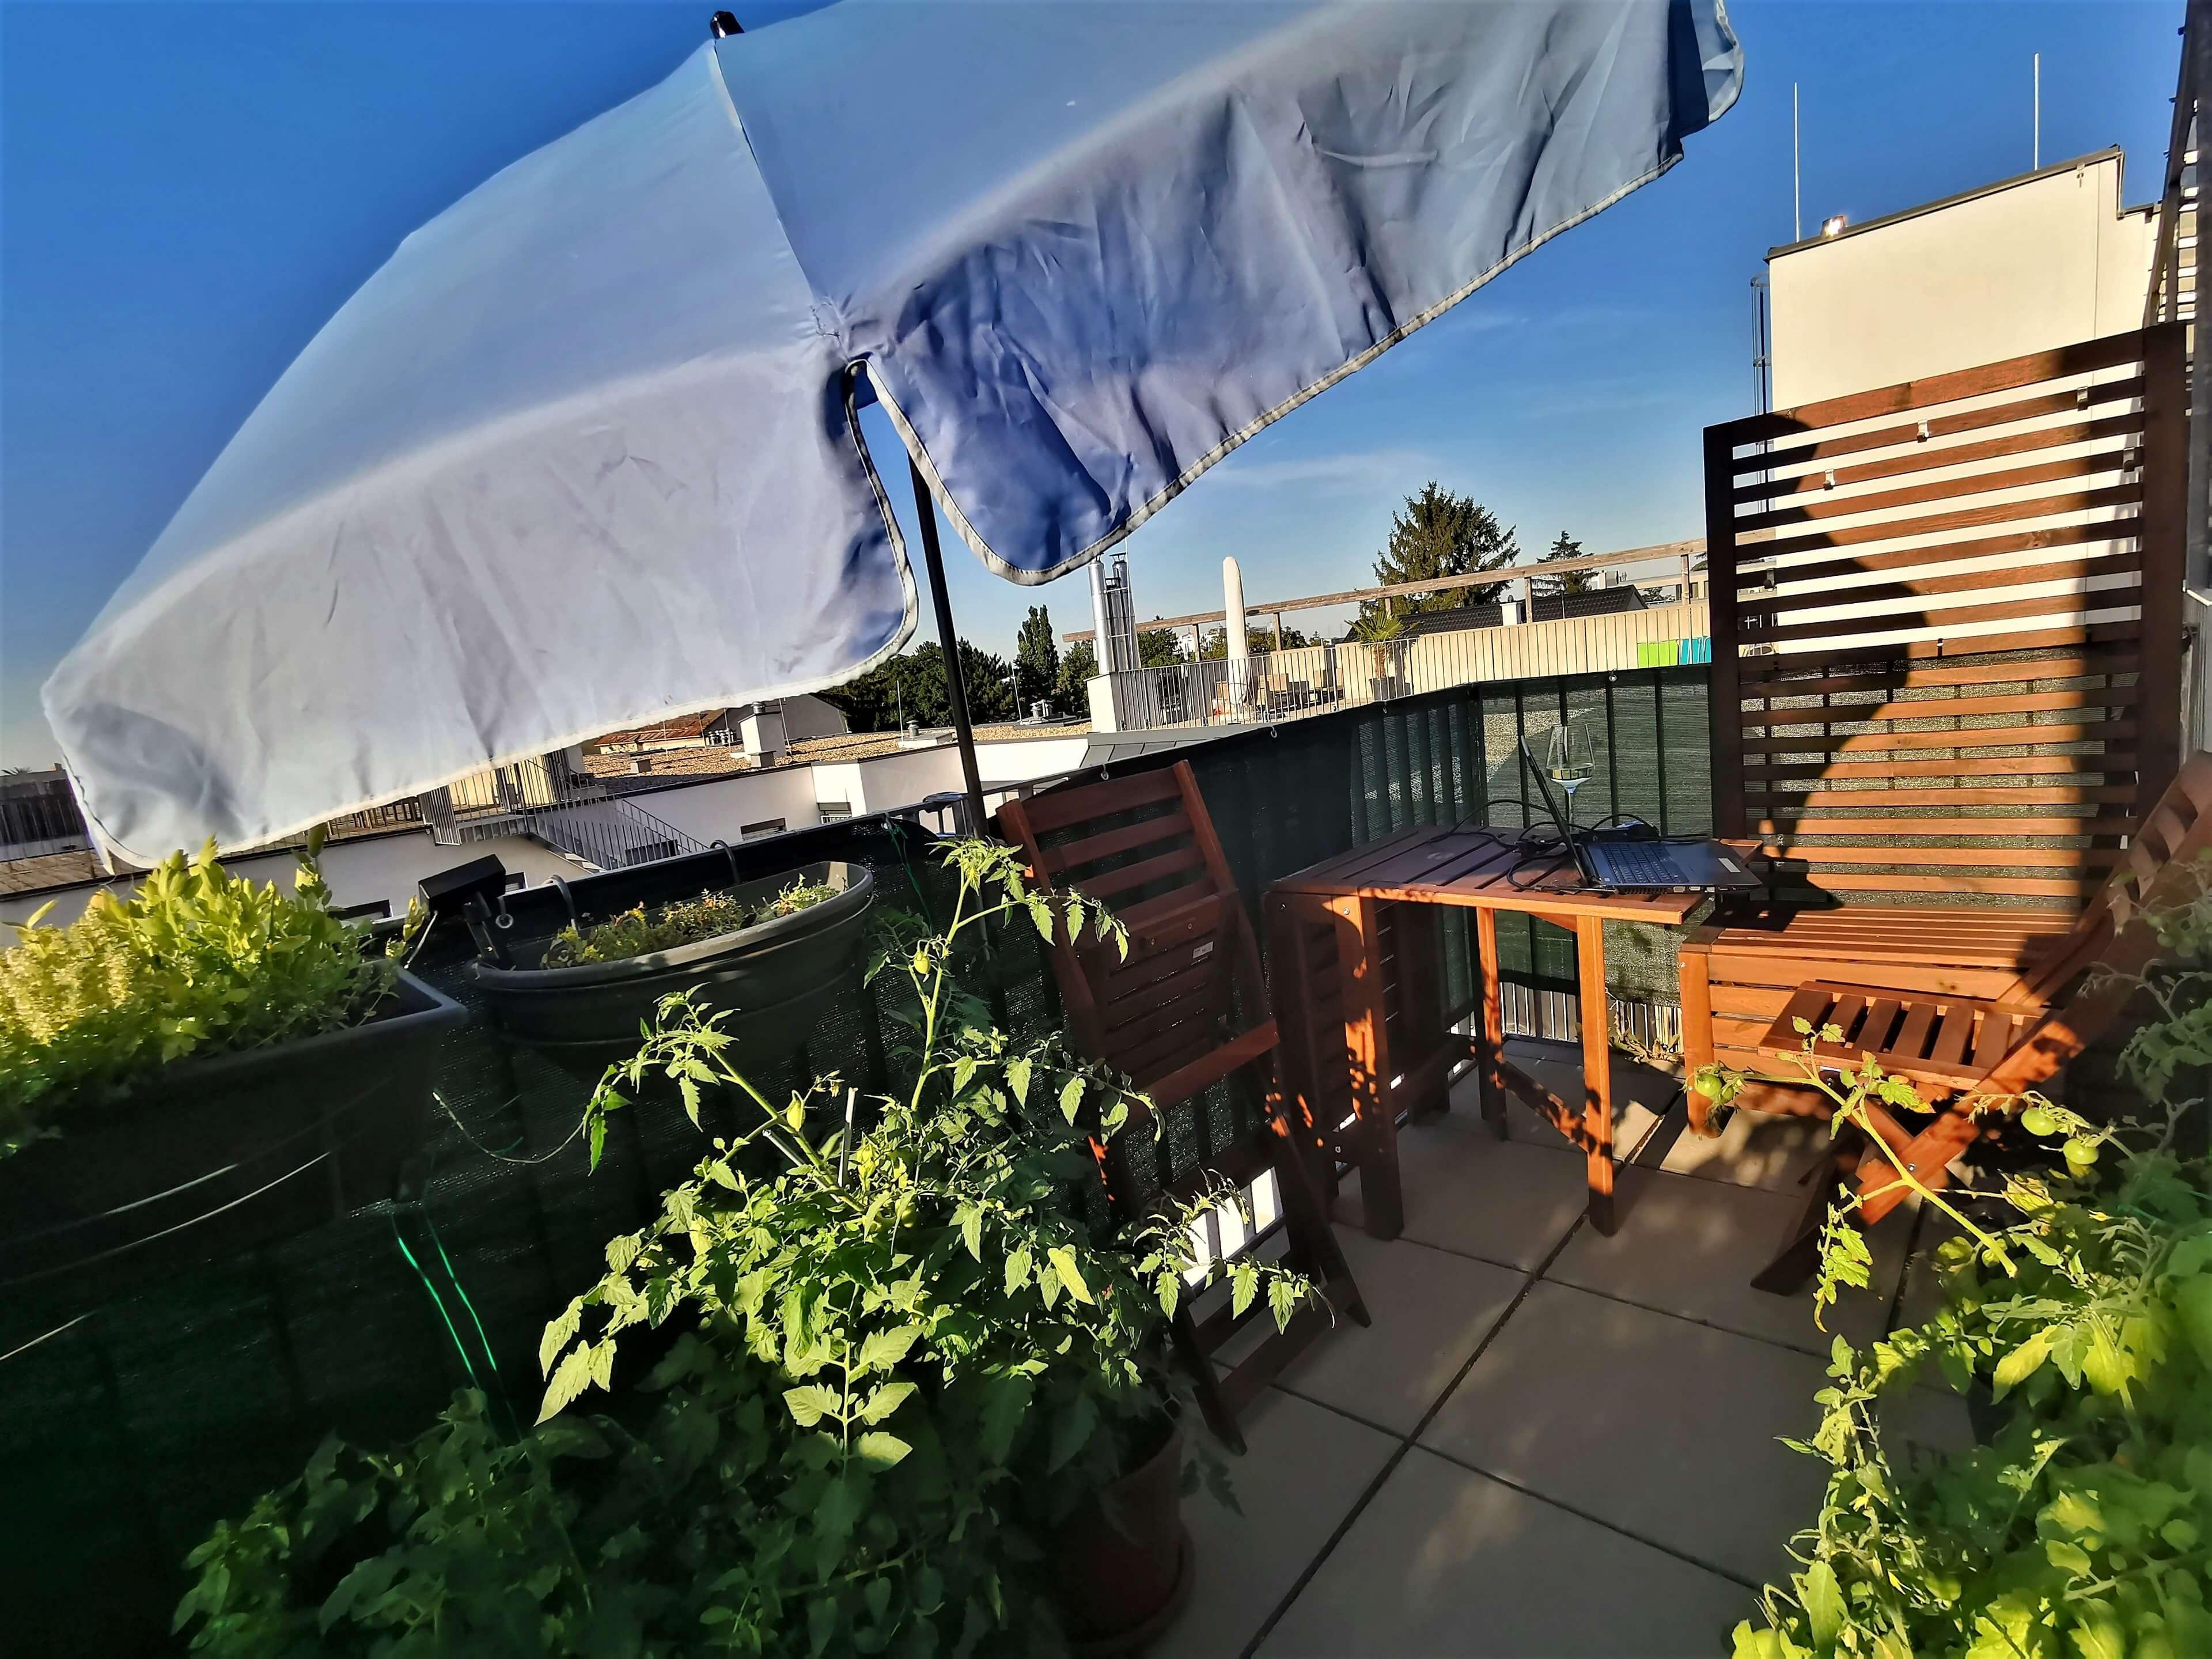 IMG 20190629 190615 01 resized 20190630 062230797 - Ako premeniť balkón na oázu pokoja? Stačí dobrý nápad!